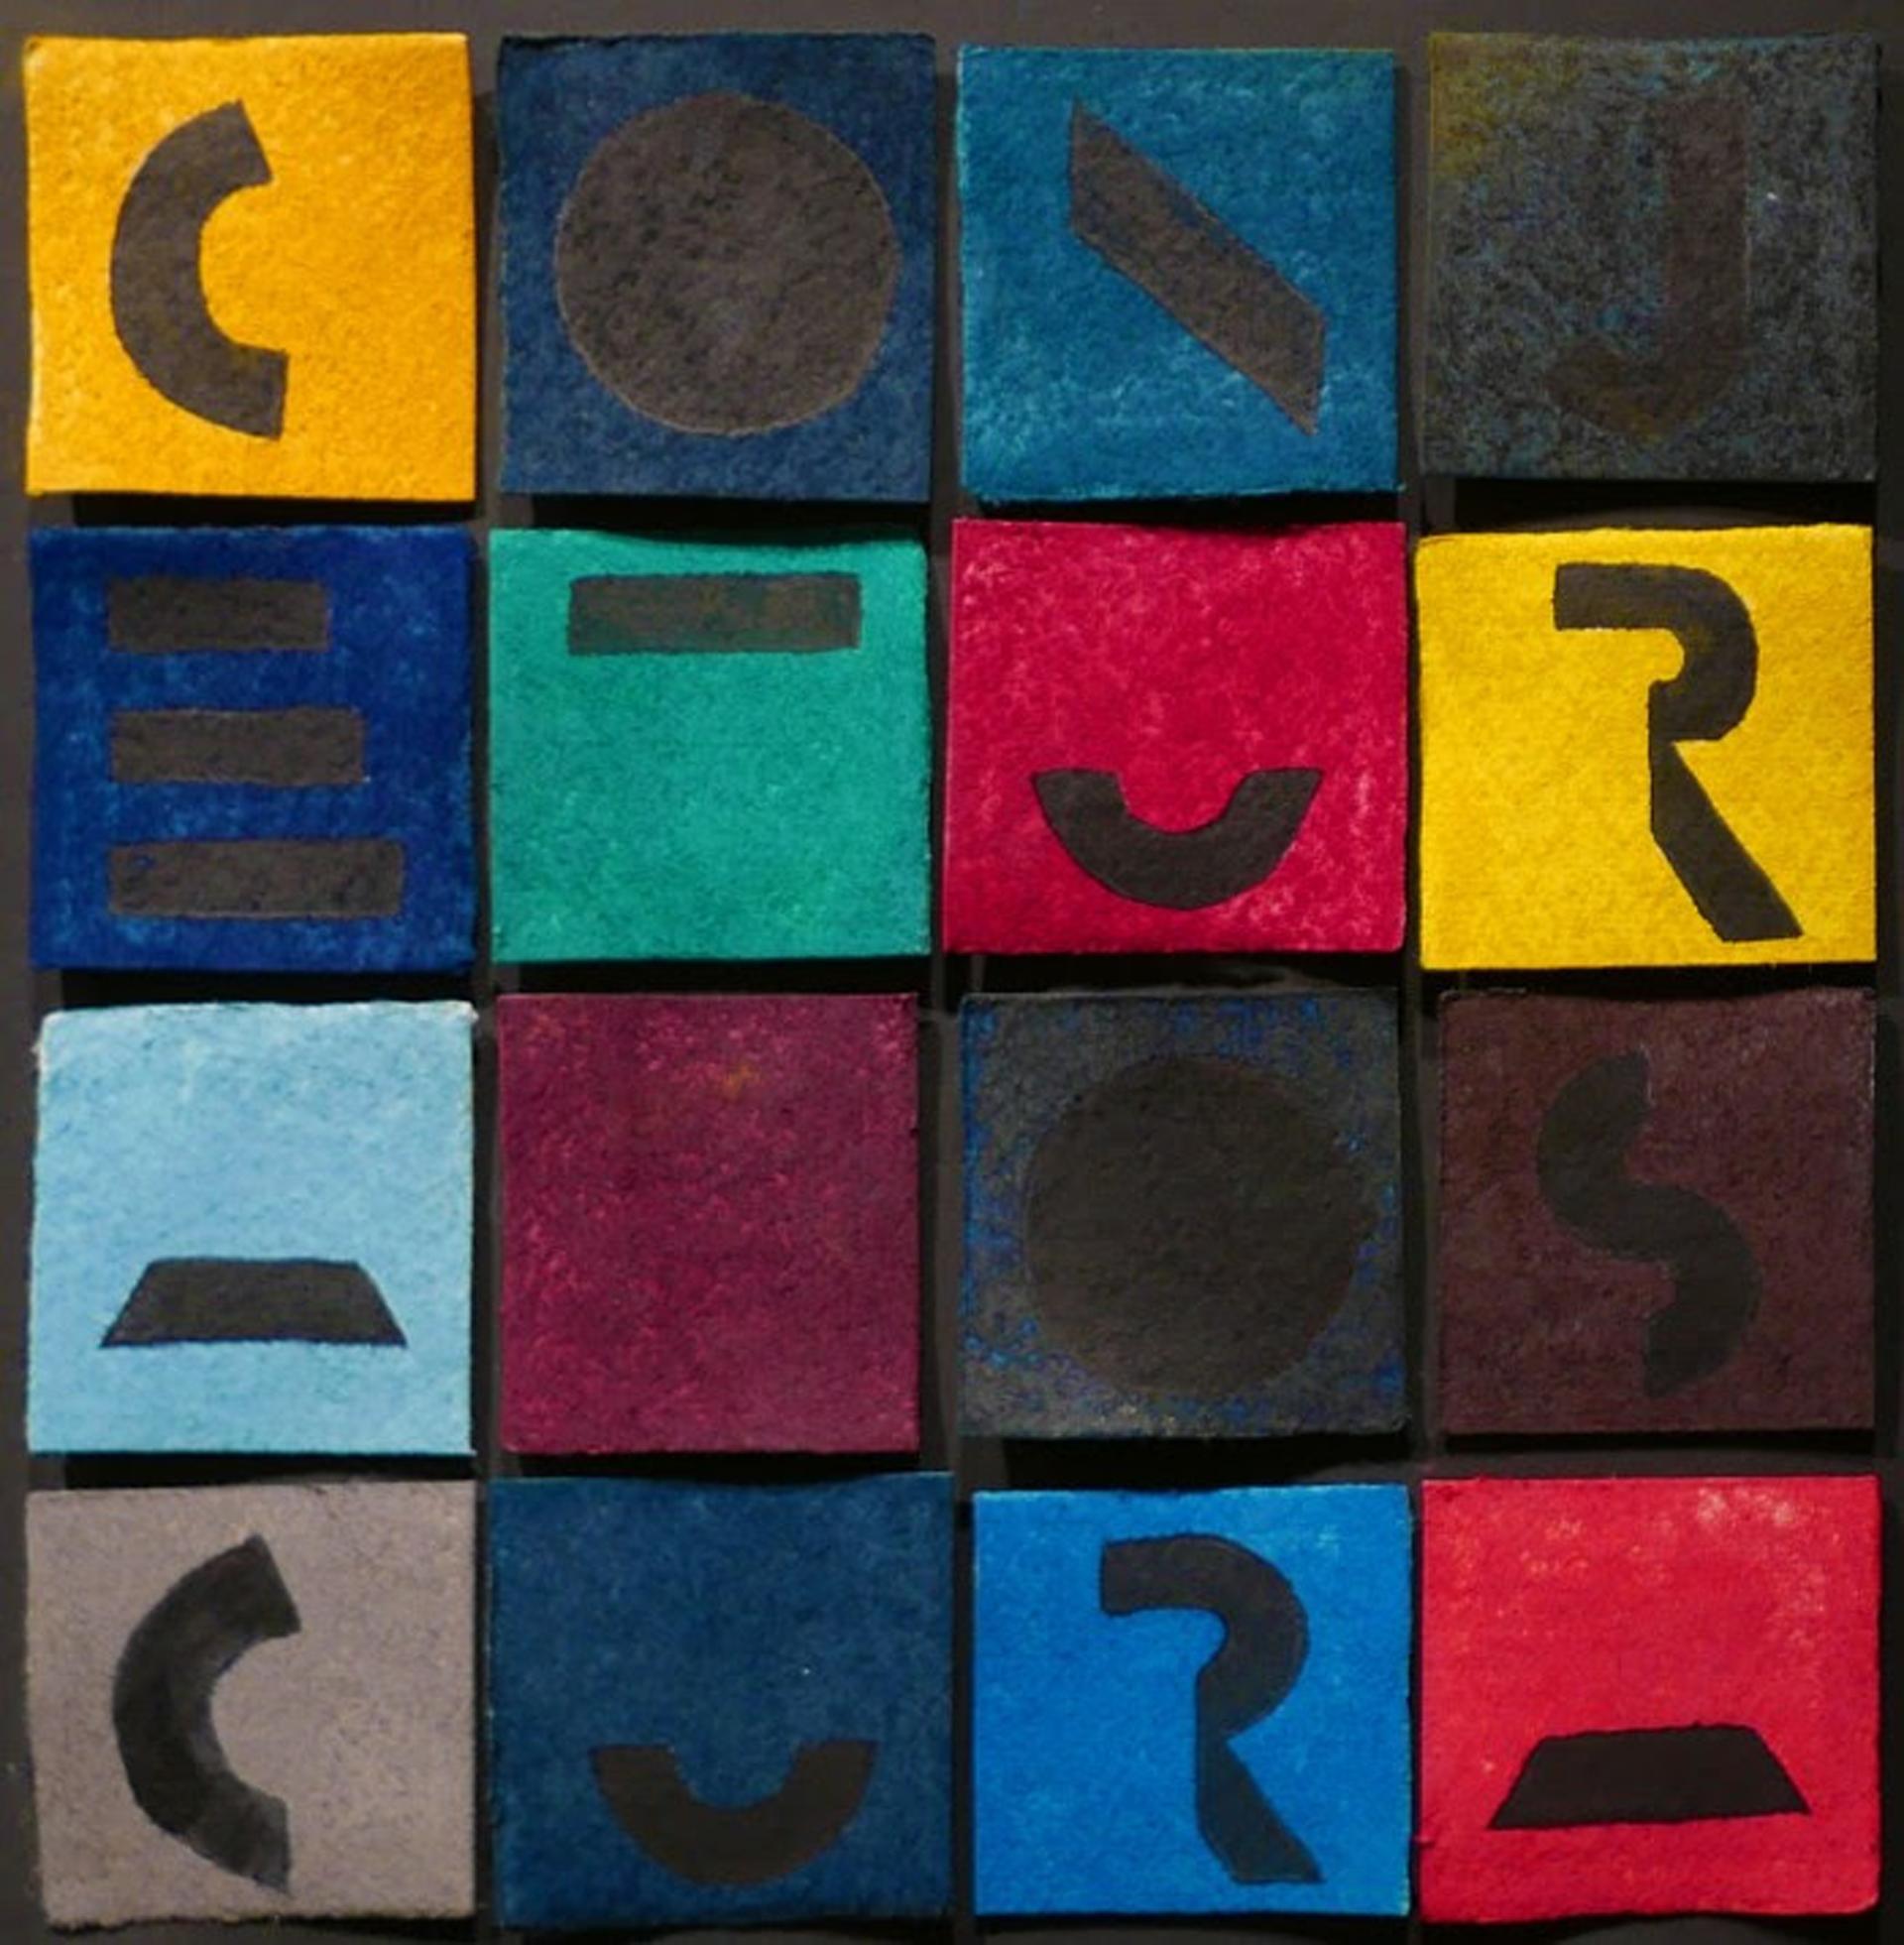 Oscura Conjetura, 2009. Esmalte, pastel y papel montado sobre cartón. 36,5 x 38,6 cm